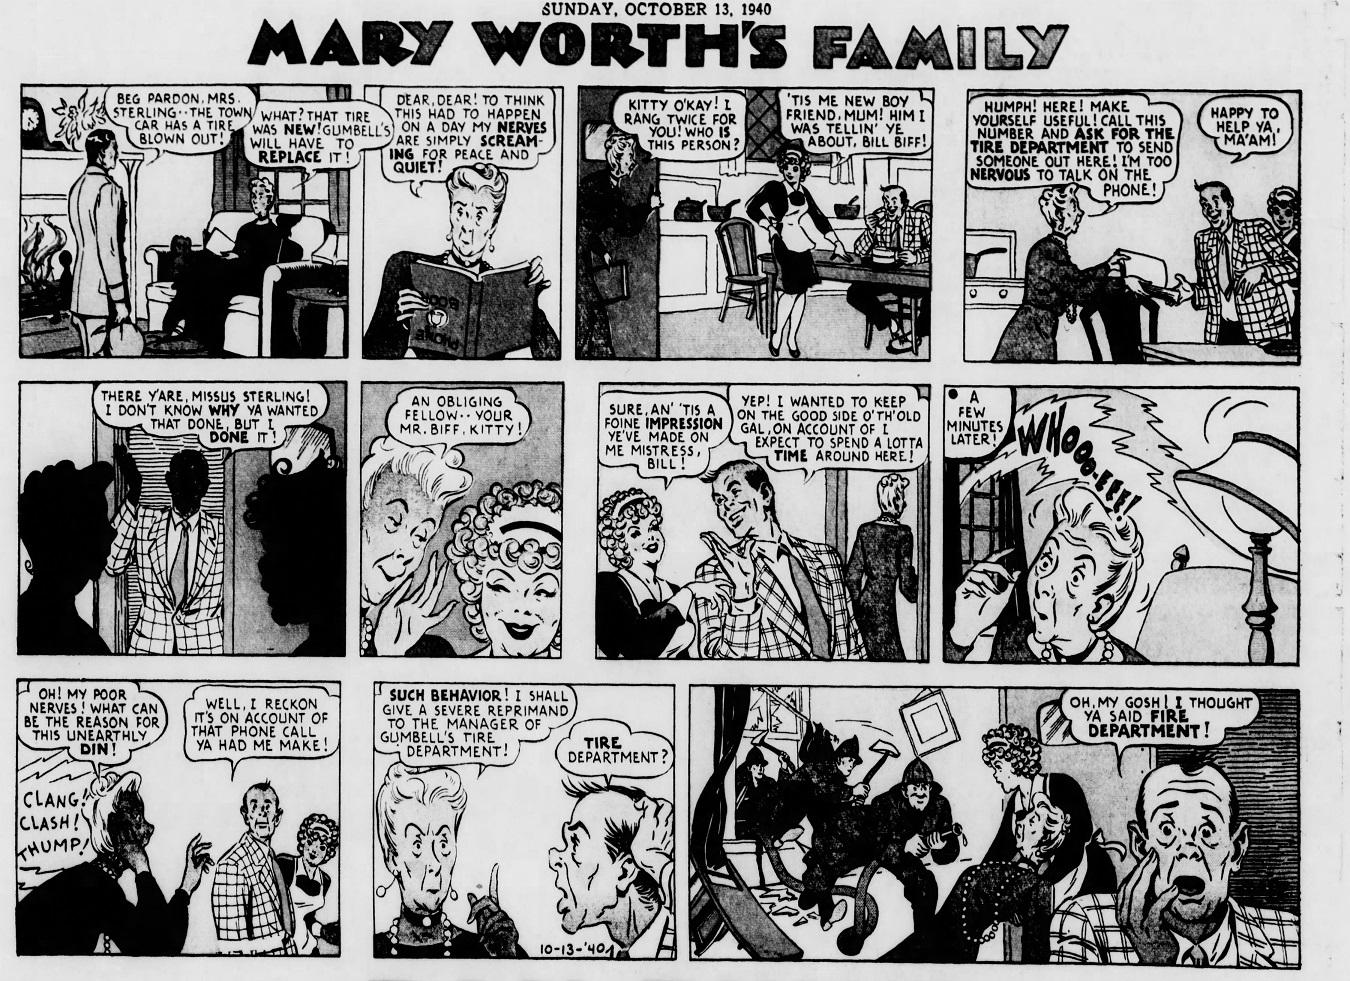 The_Brooklyn_Daily_Eagle_Sun__Oct_13__1940_(8).jpg